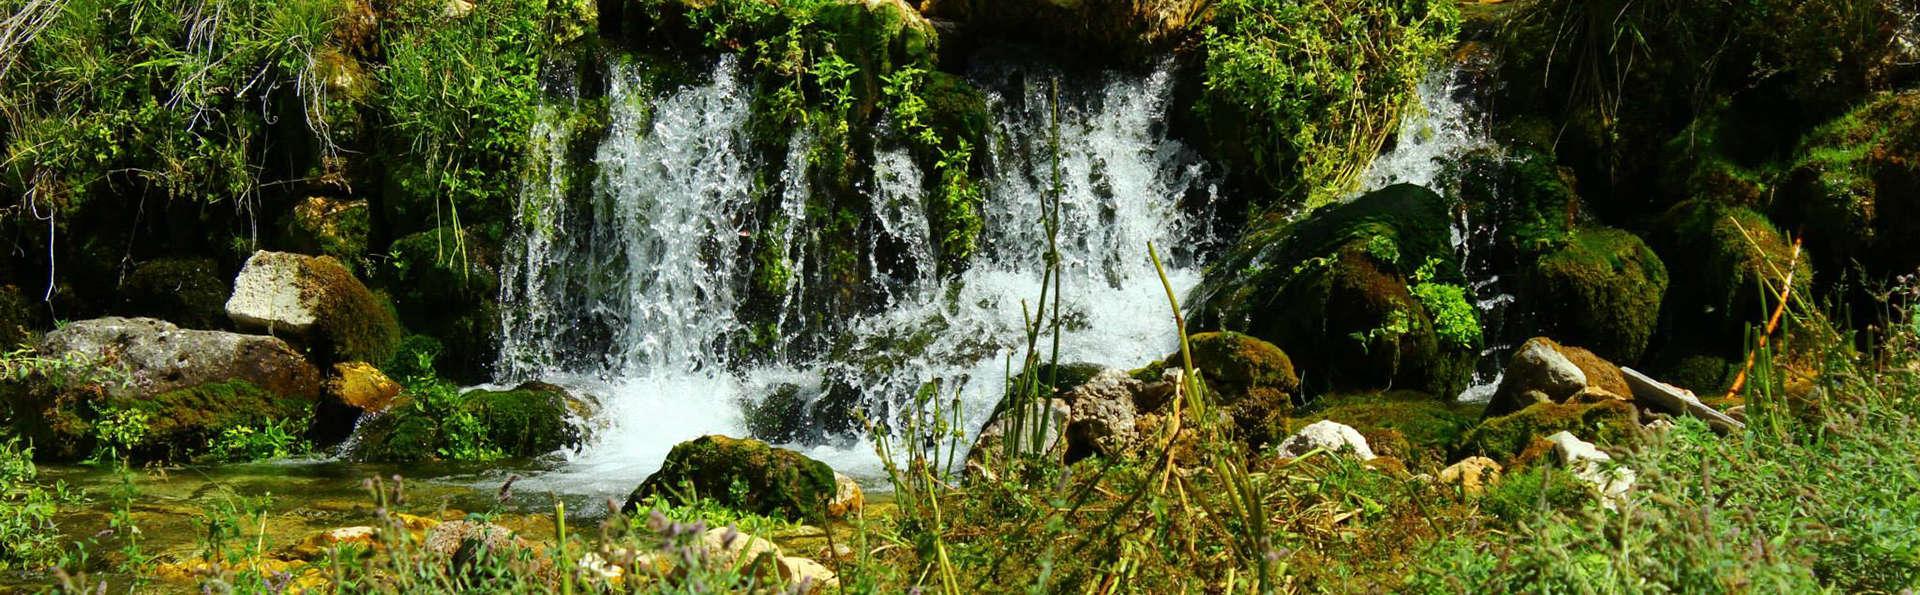 Escapada 4* con vistas impresionantes al parque nacional Sierra de Cazorla.